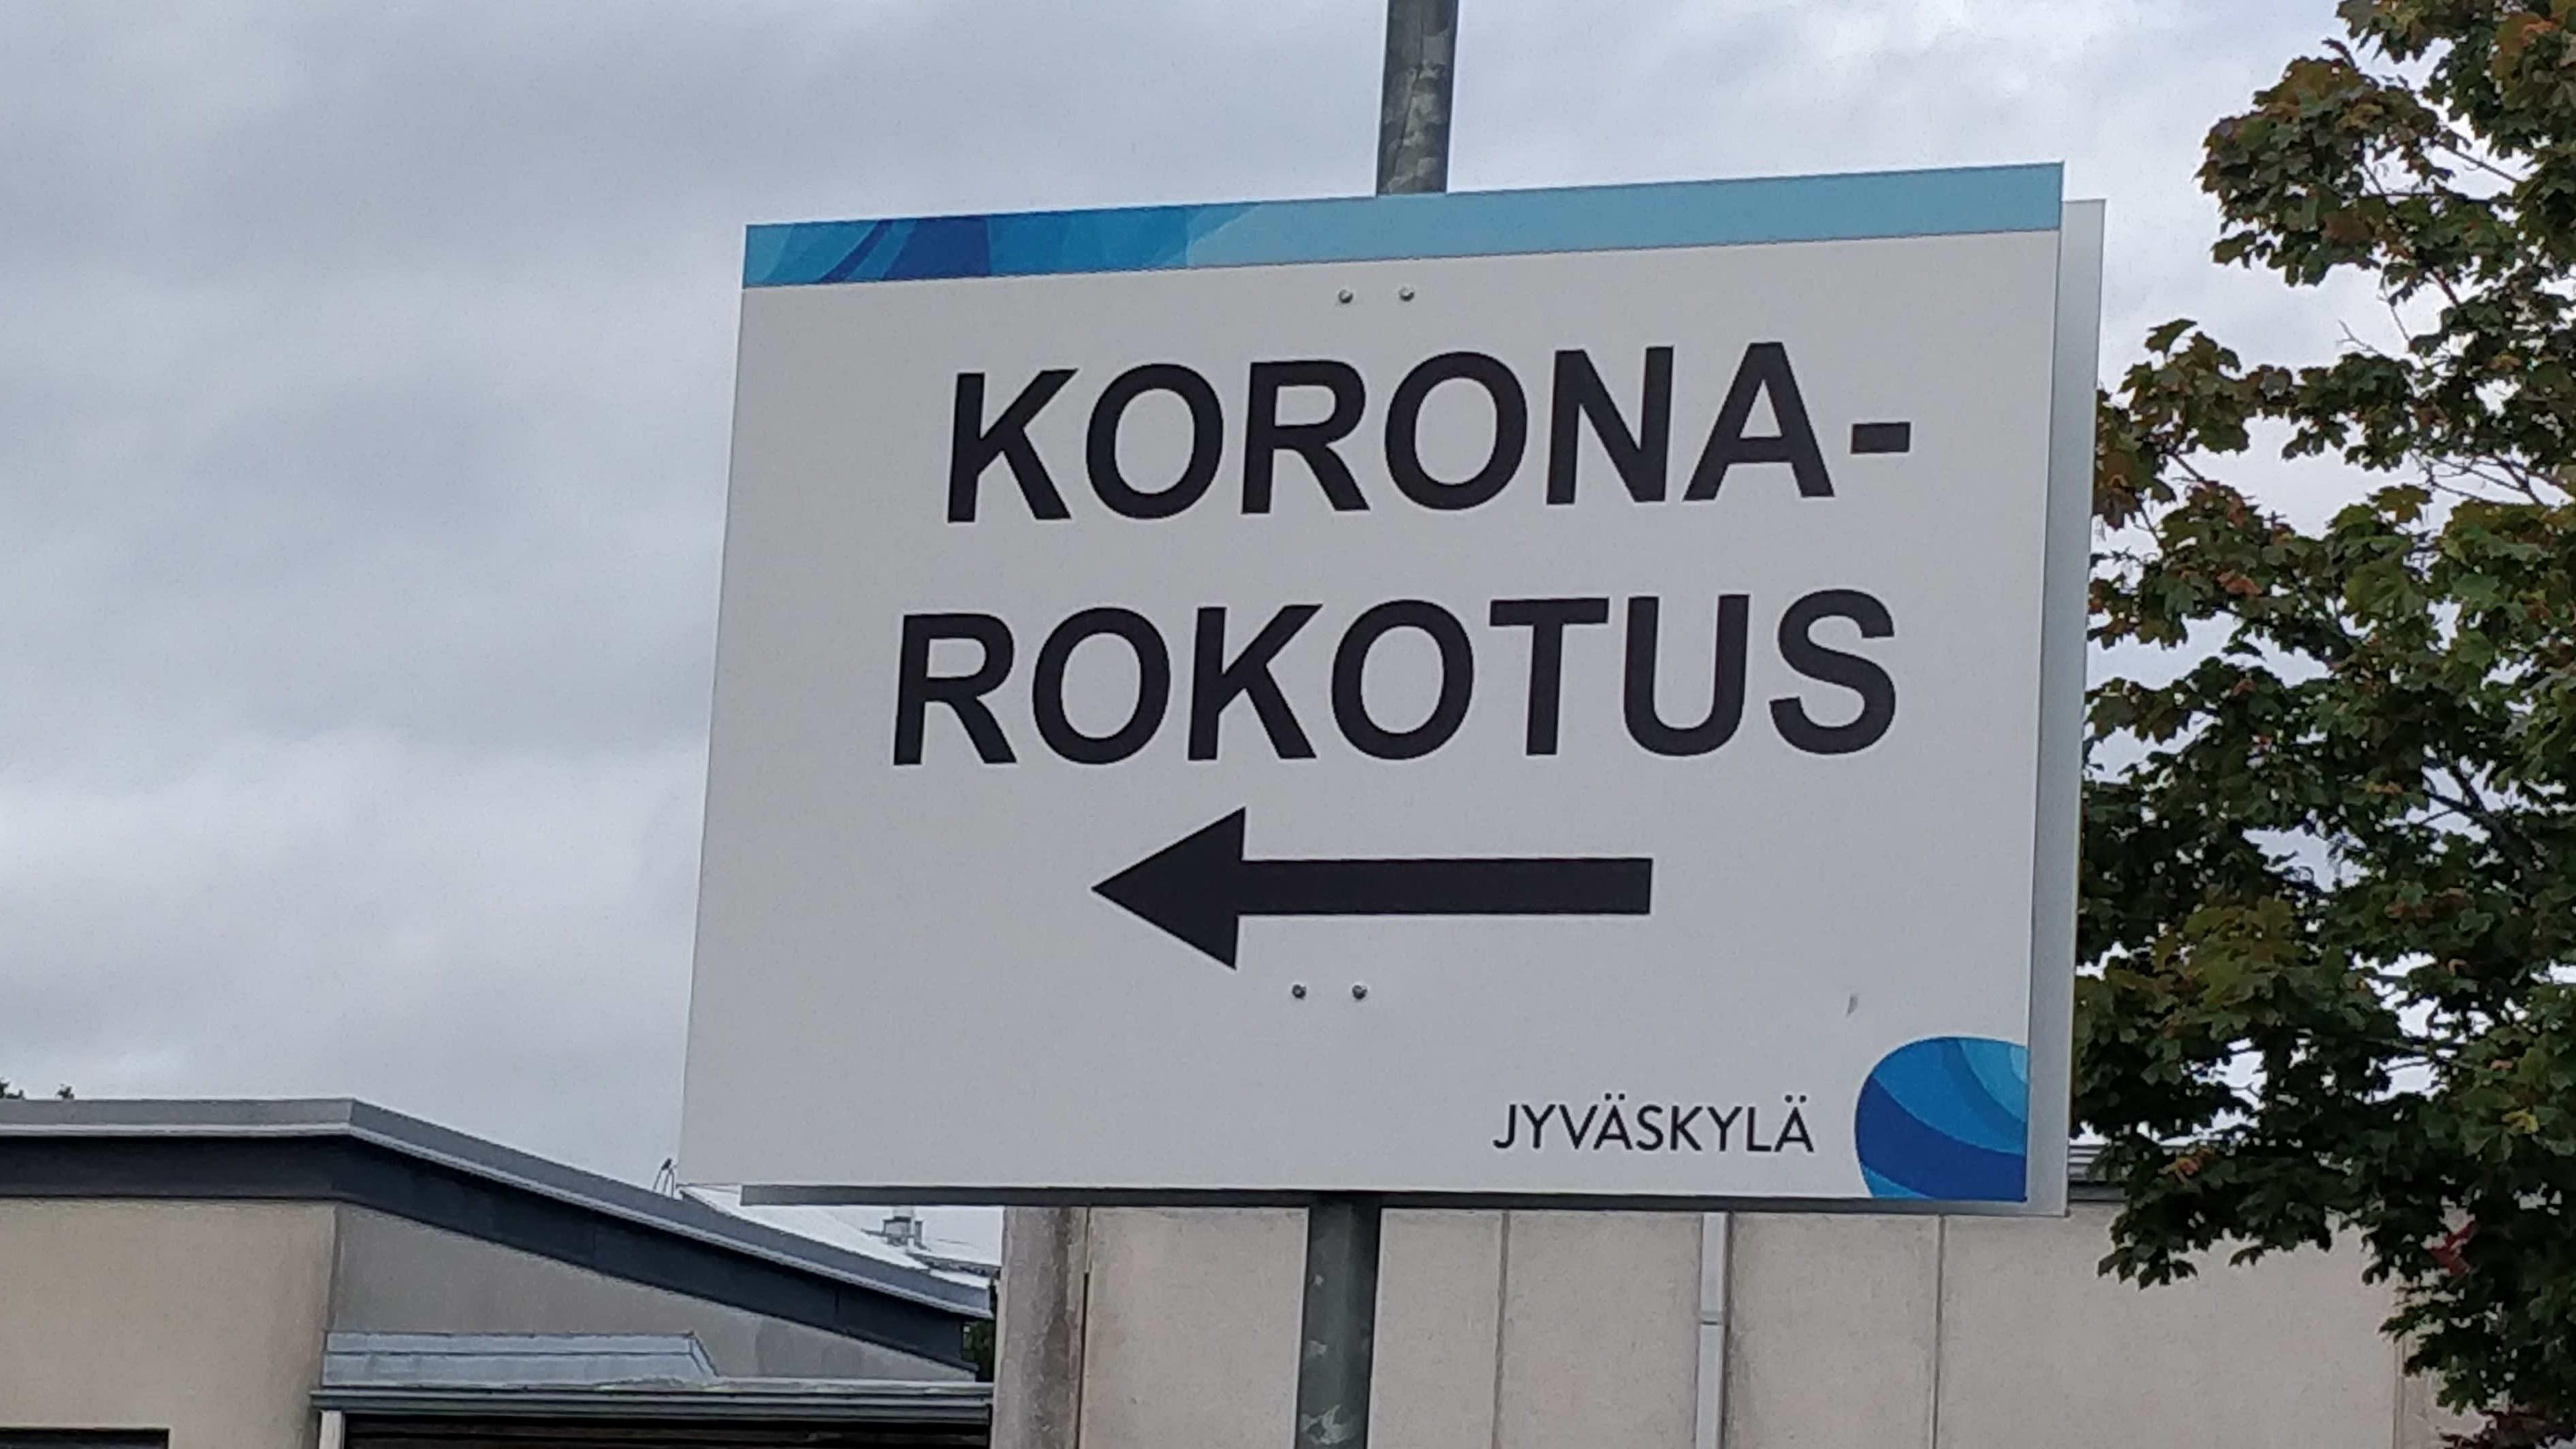 Koronarokotuksesta kertova opastekyltti Jyväskylän Kuokkalan terveysaseman pihassa.